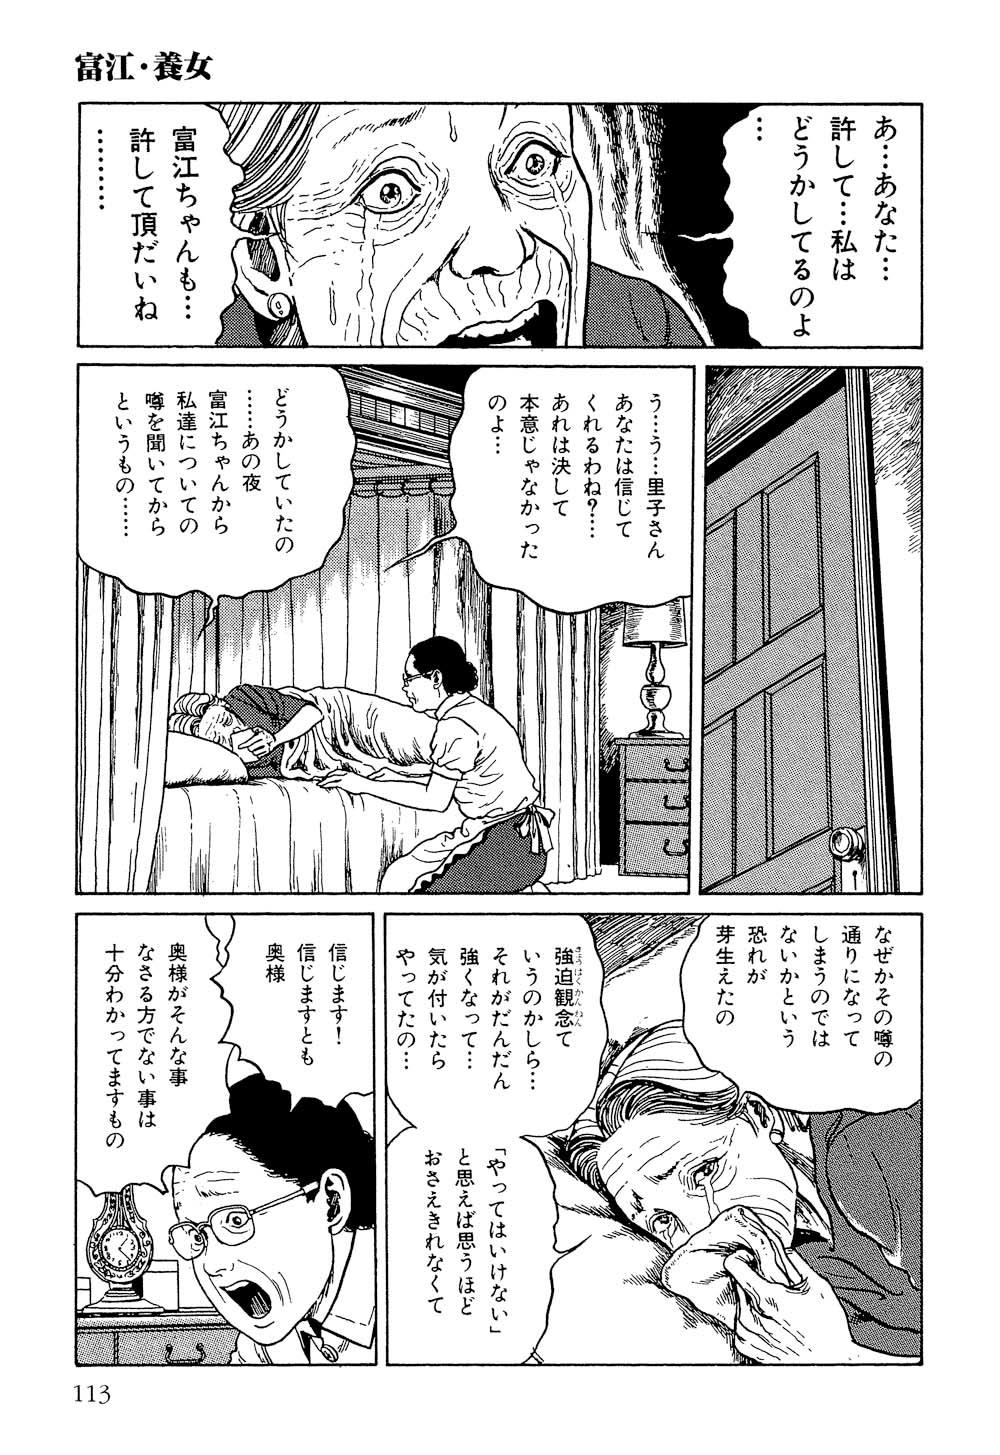 itouj_0002_0115.jpg